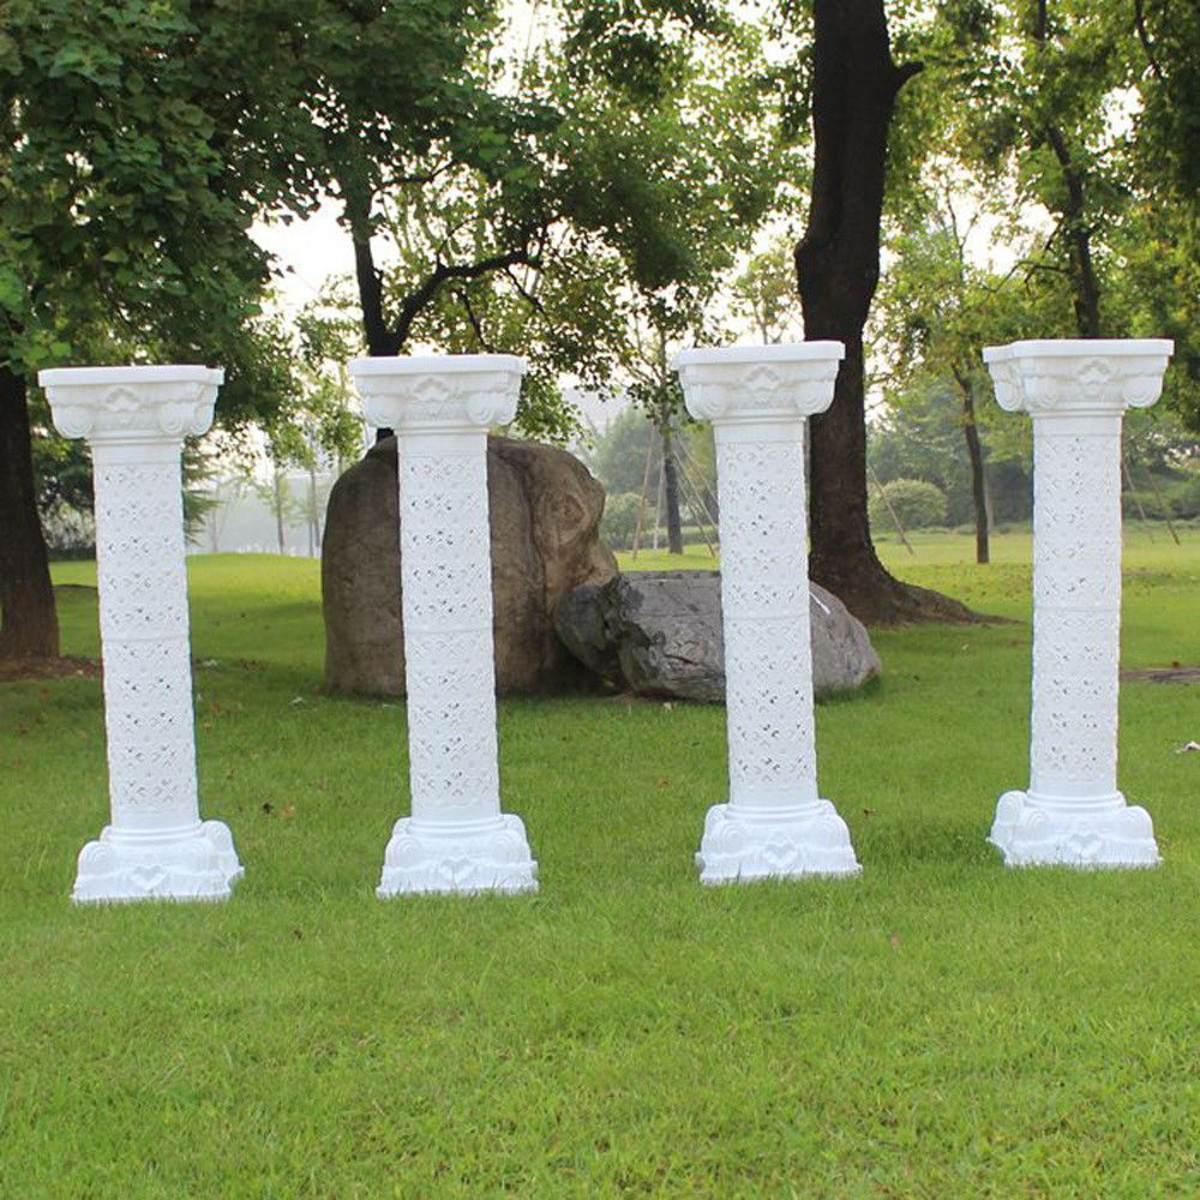 Columna de Pilar romano de plástico de 98 CM, soporte de pedestal, suministros de decoración del banquete de boda 5D DIY pintura de diamantes de la religión de cristal pintura de diamante punto de cruz escénico costura ala de Ángel amor hogar decorativo BJ688